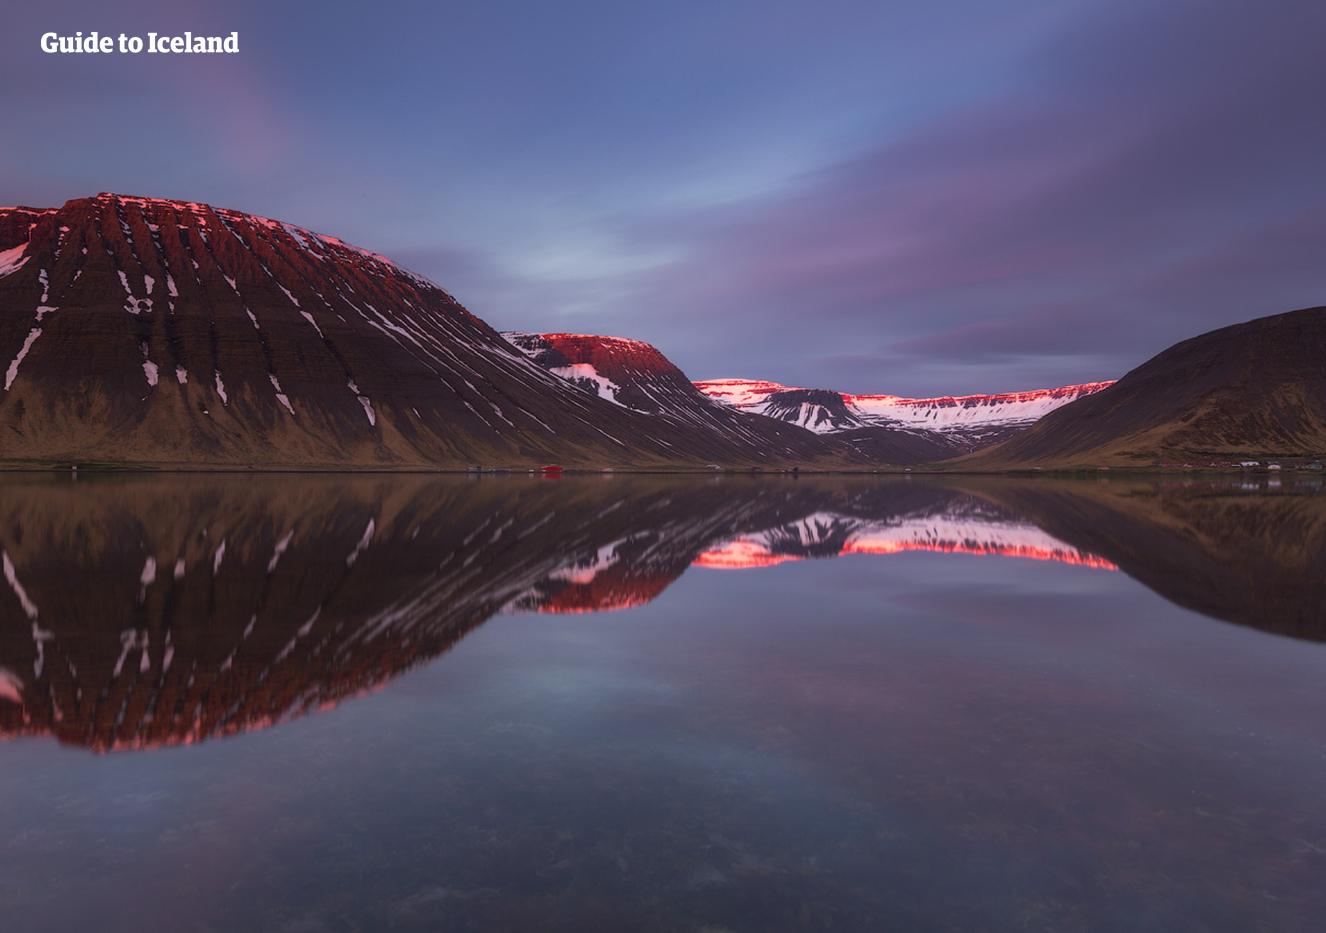 Une vue imprenable sur les fjords de l'ouest de l'Islande.